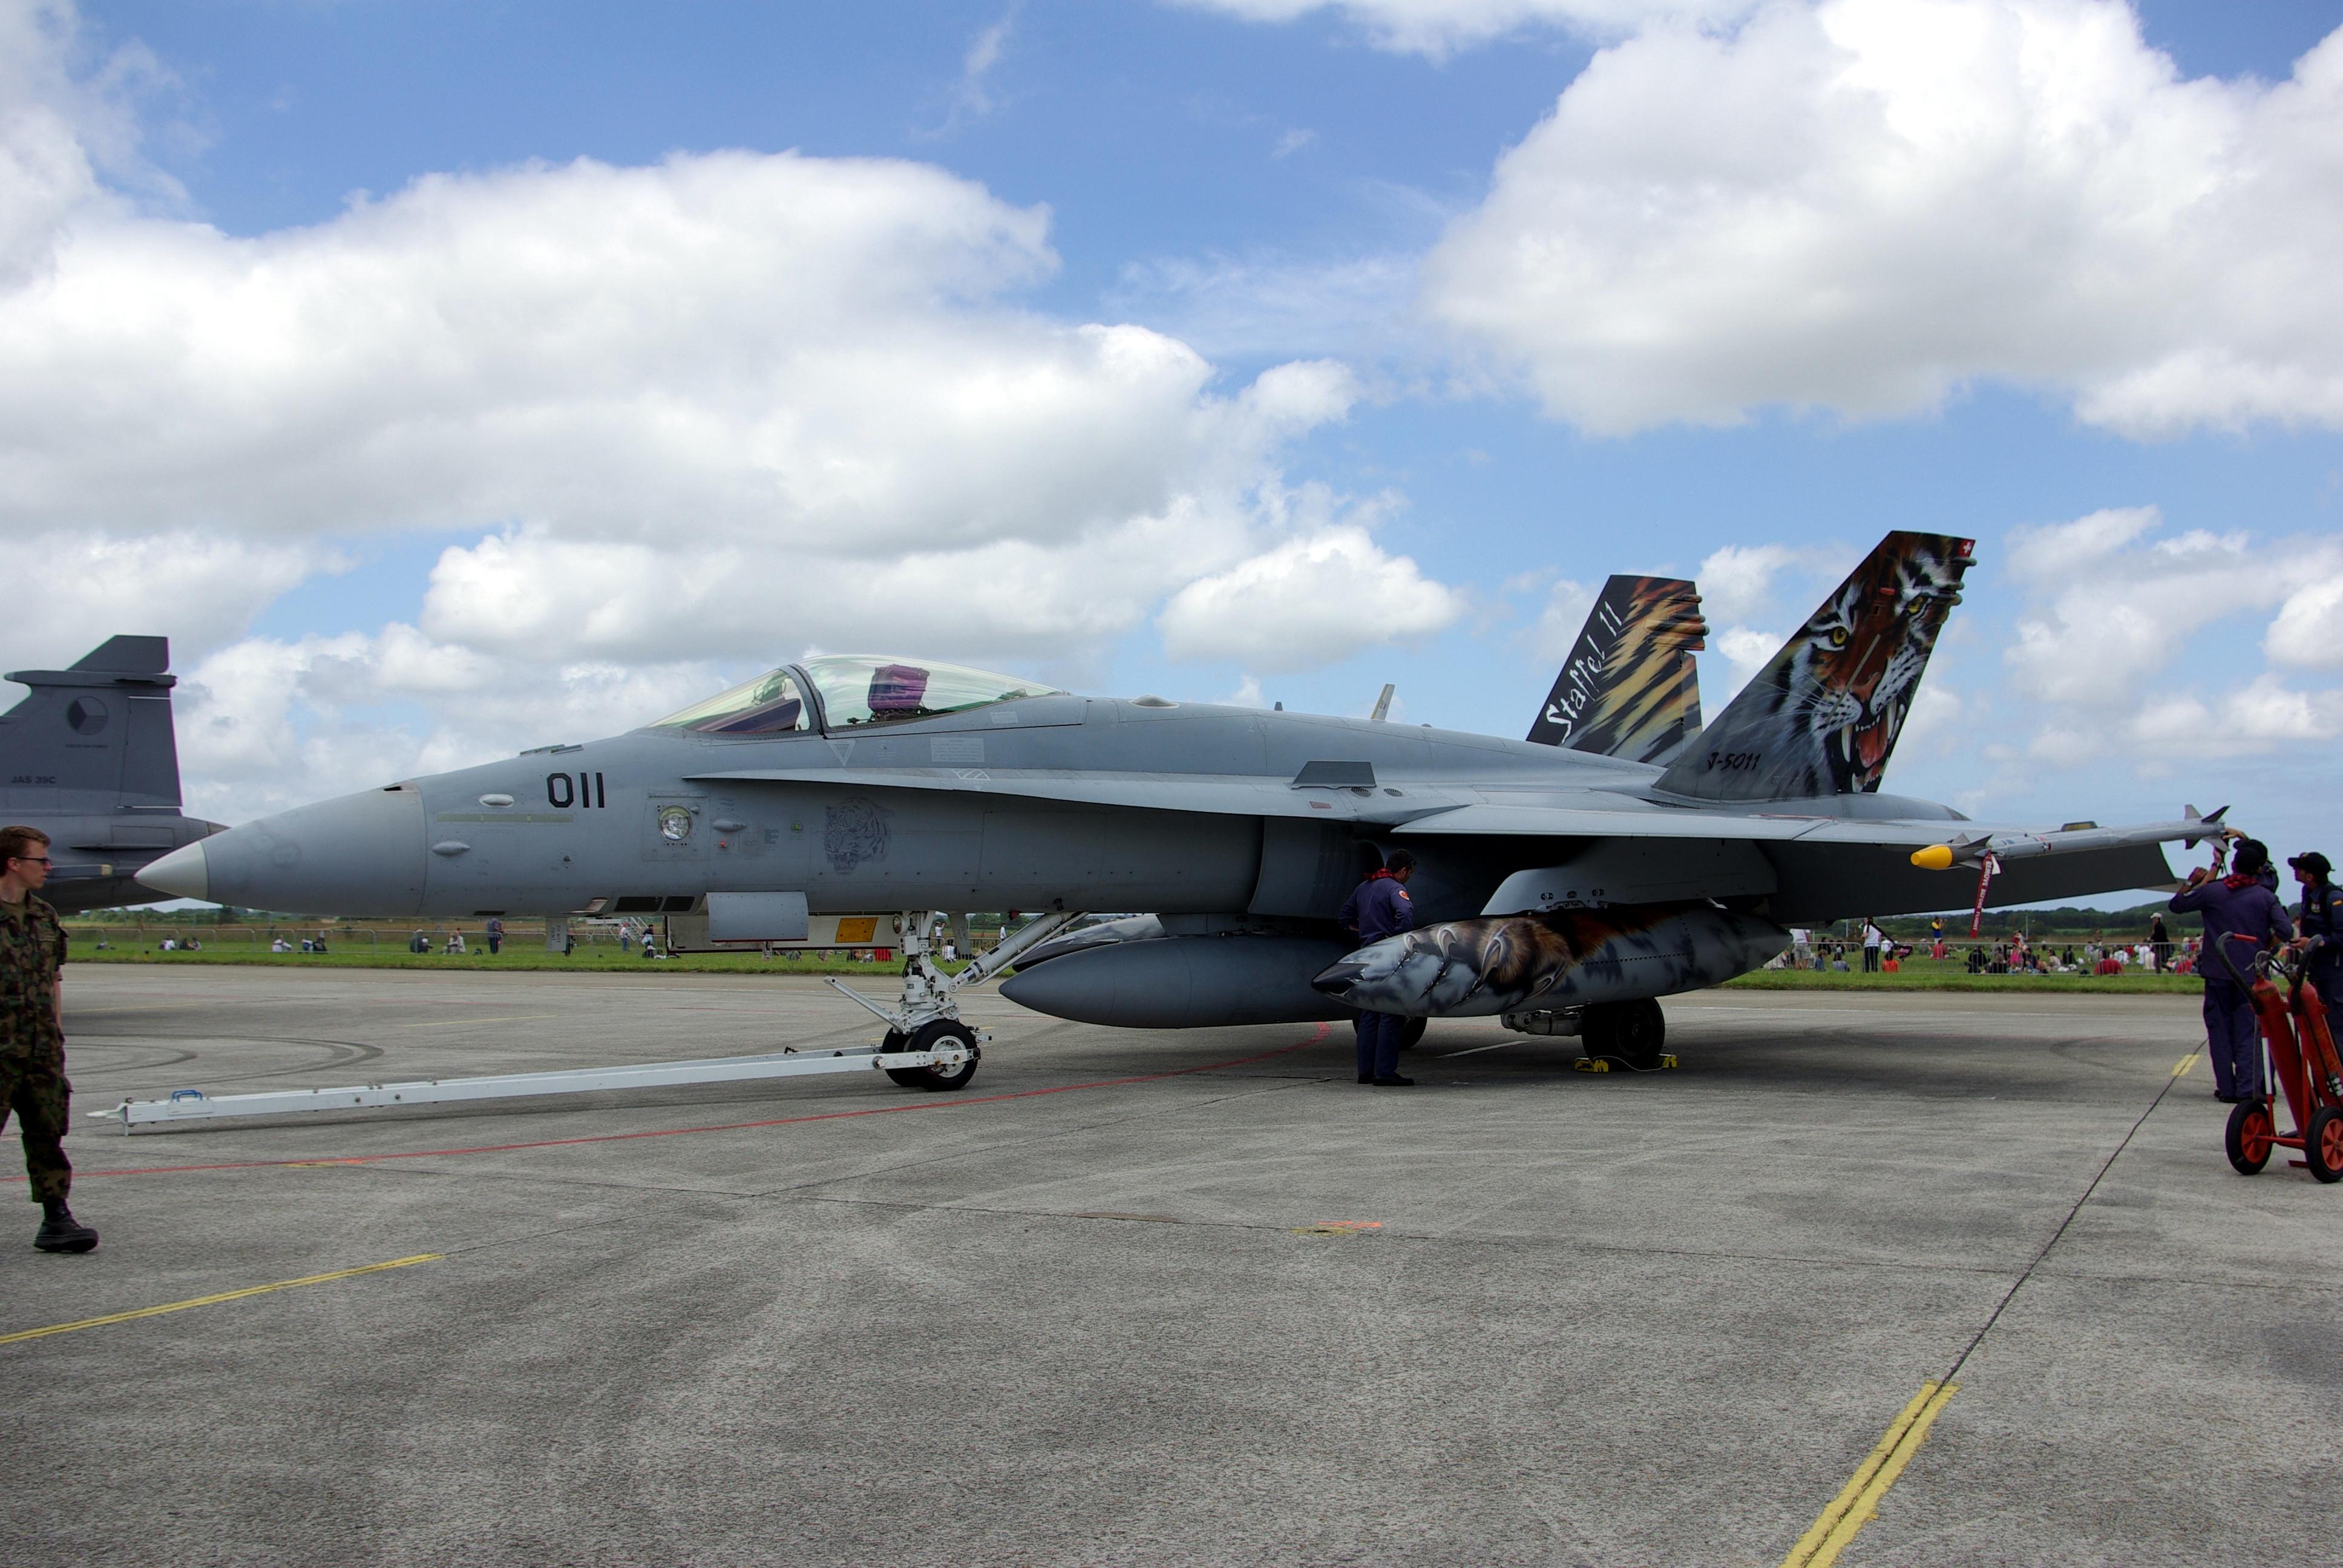 File:J-5011 F-18 Tiger Meet.jpg - Wikimedia Commons